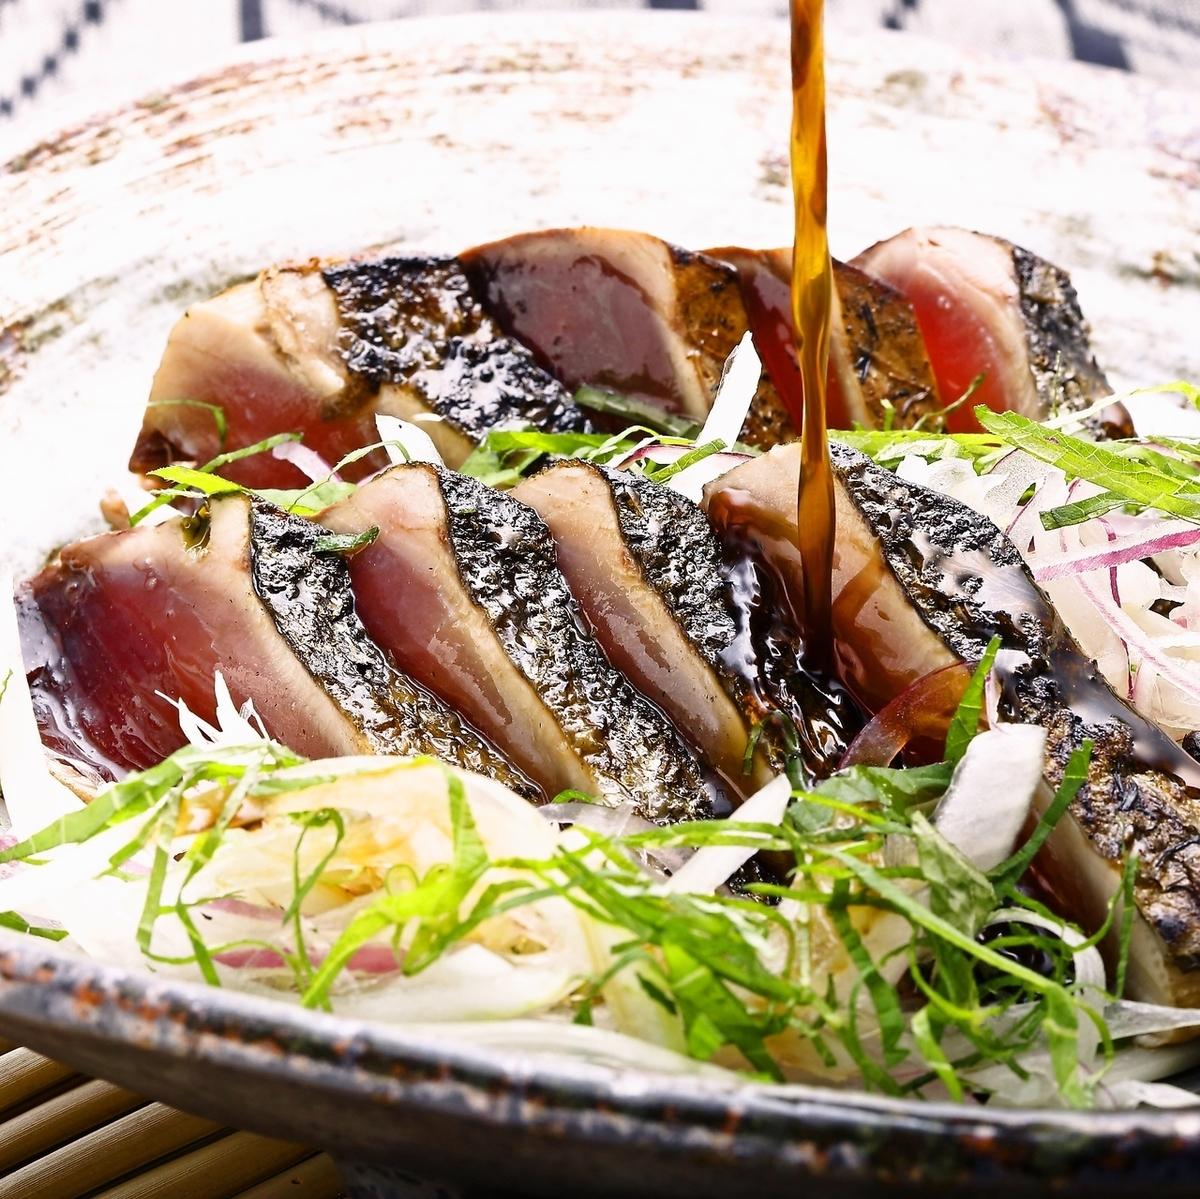 【稻草烤鲣鱼】去皮